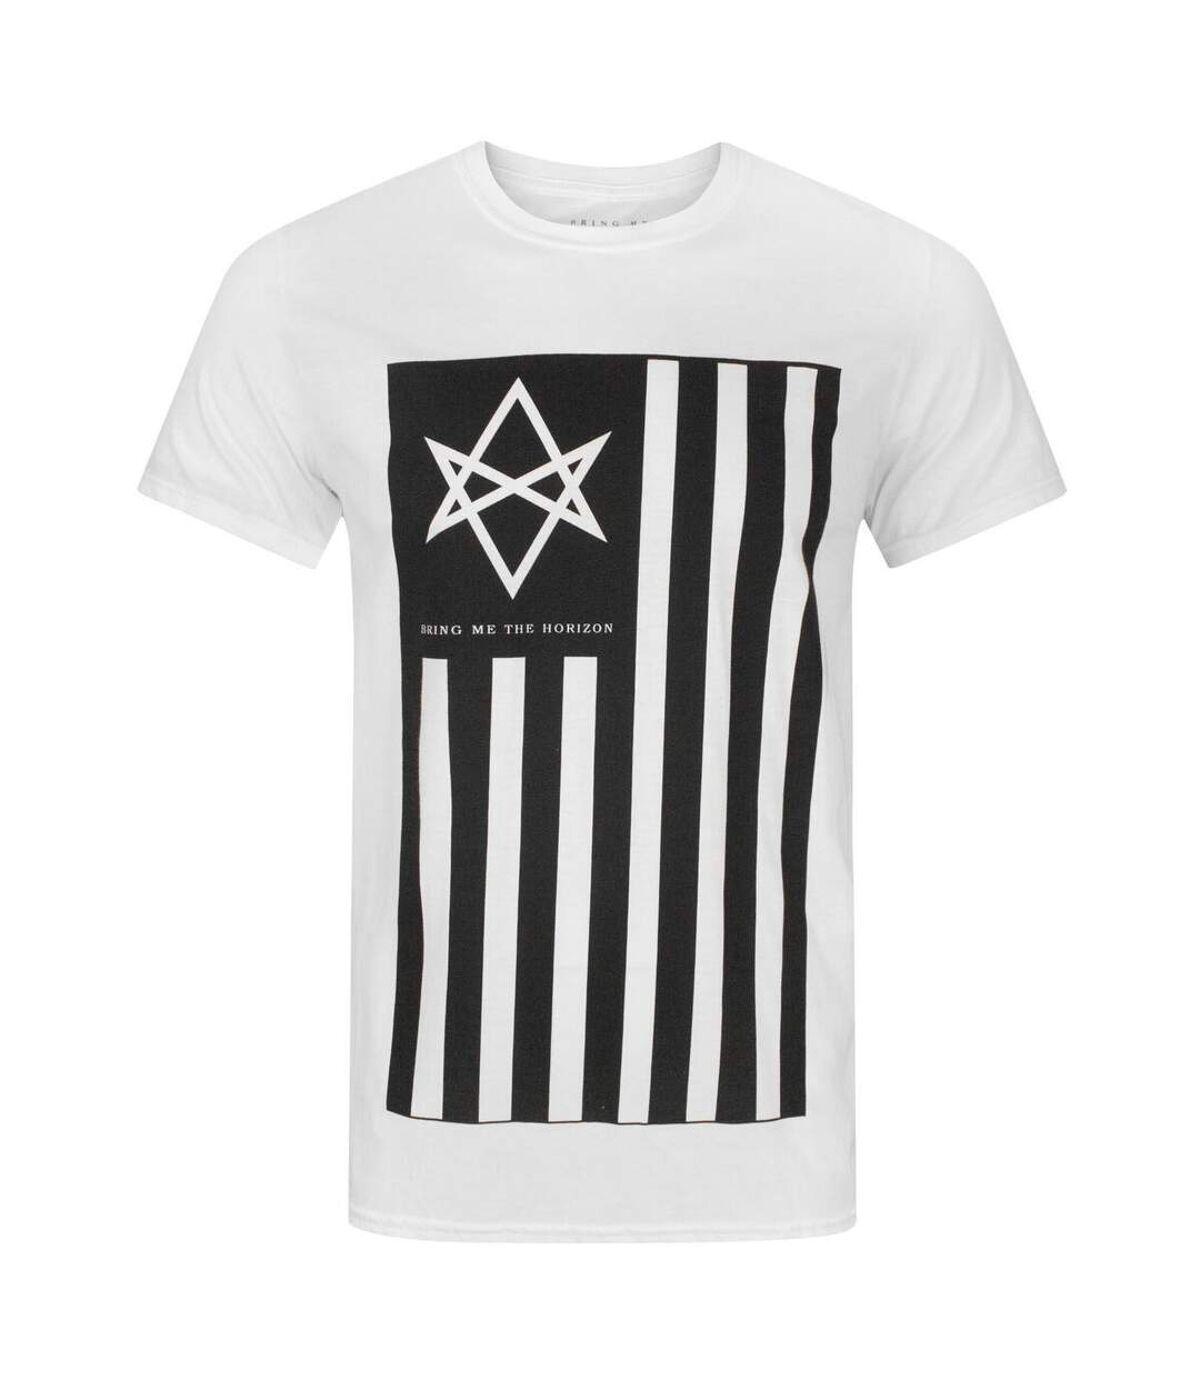 Bring Me The Horizon Mens Antivist T-Shirt (White/Black) - UTNS5474